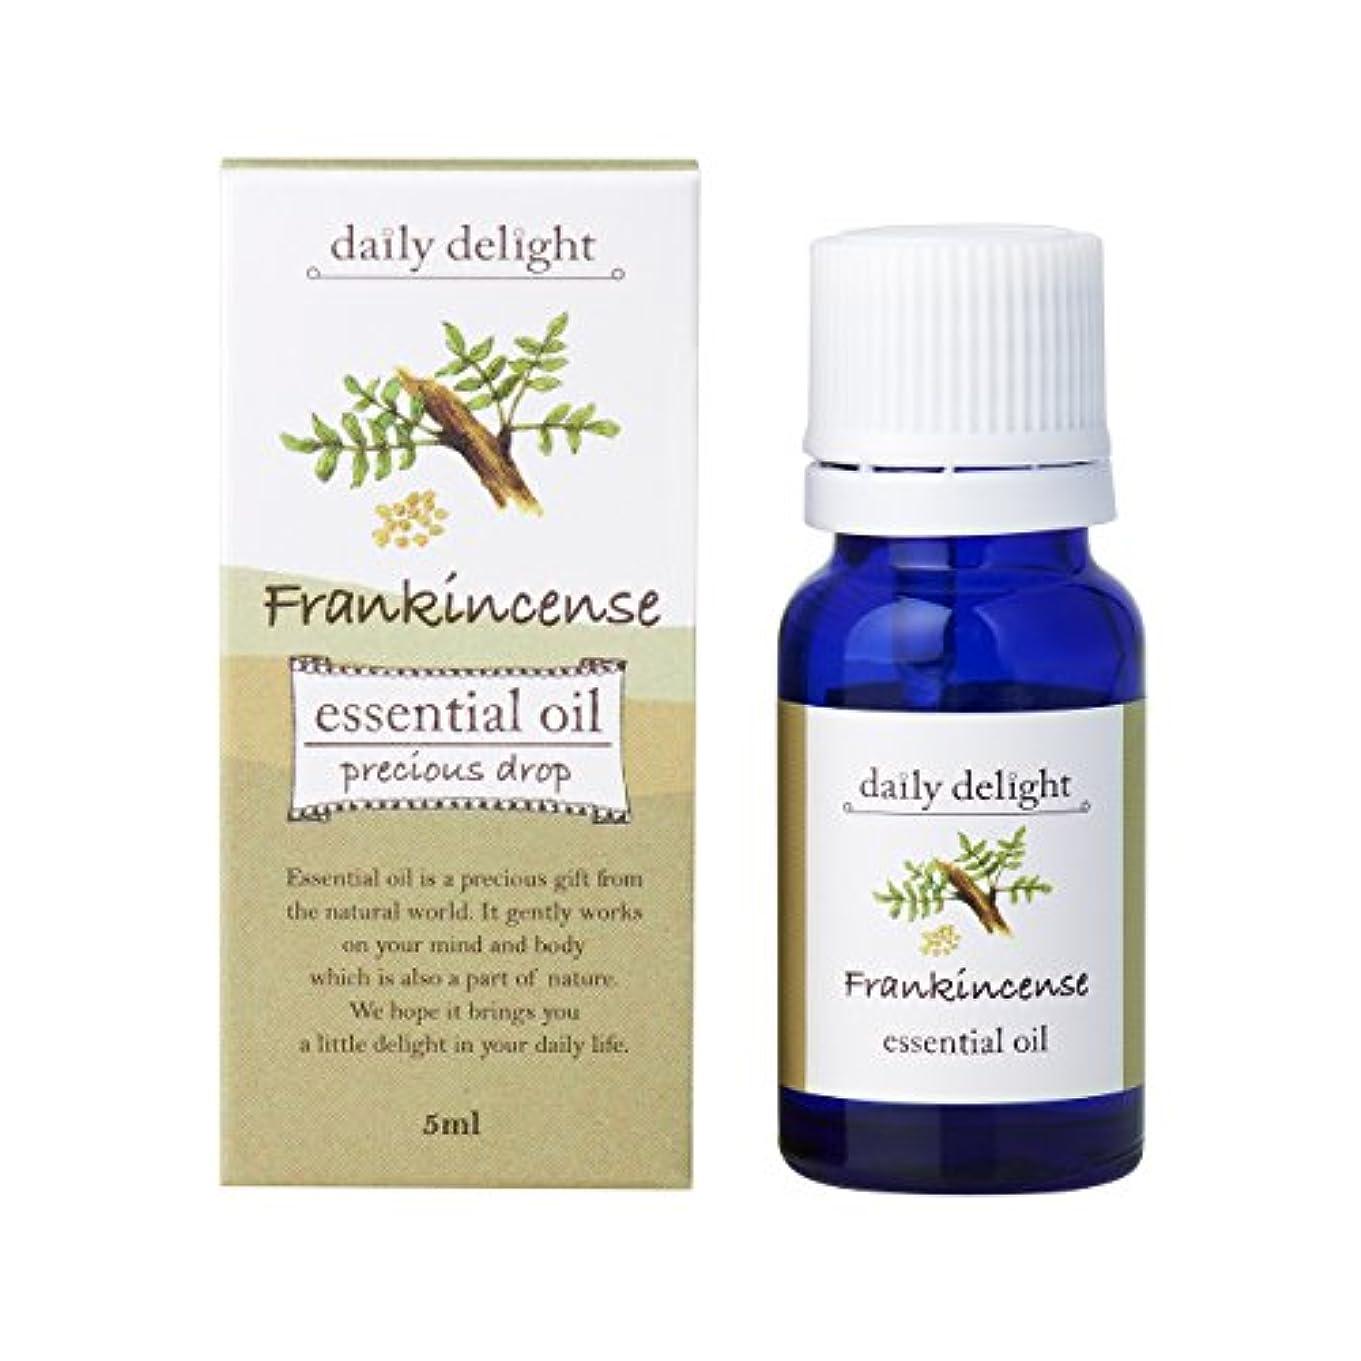 マニア第二にダイヤルデイリーディライト エッセンシャルオイル フランキンセンス 5ml(天然100% 精油 アロマ 樹脂系 樹脂から採れるさわやかな木の香り)